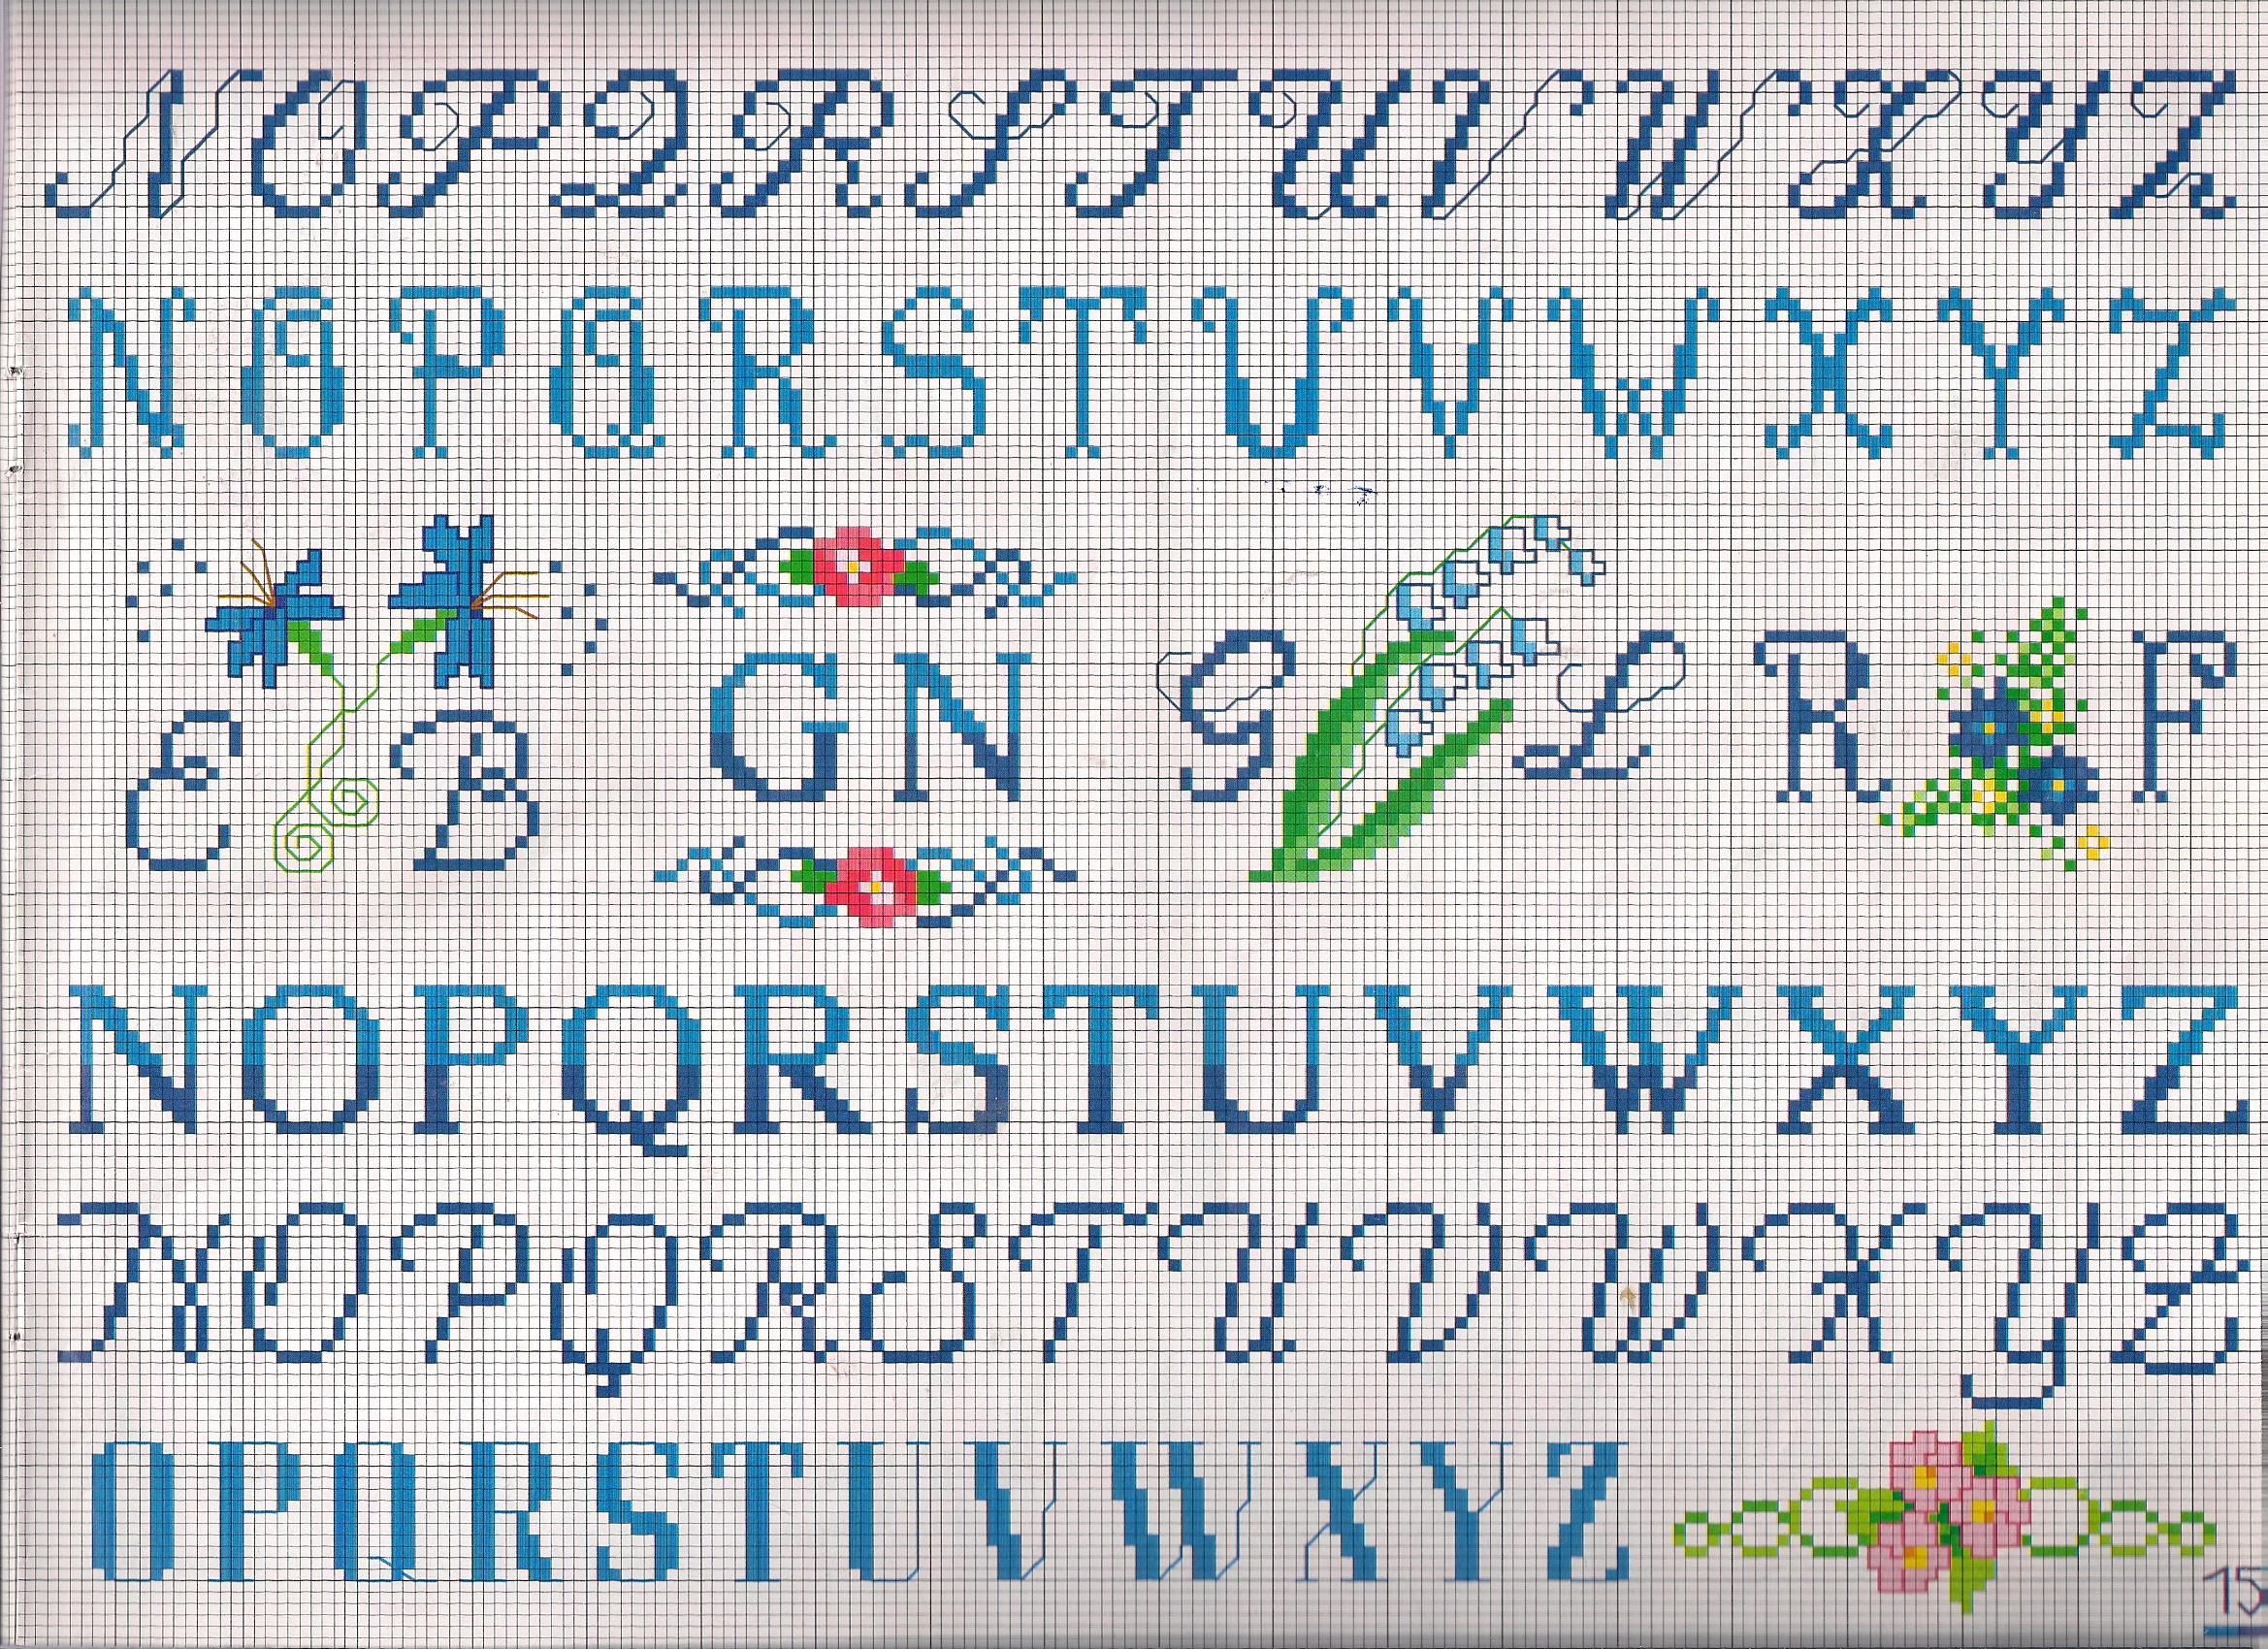 Alfabeto iniziali fiorellini punto croce for Punto croce schemi alfabeto